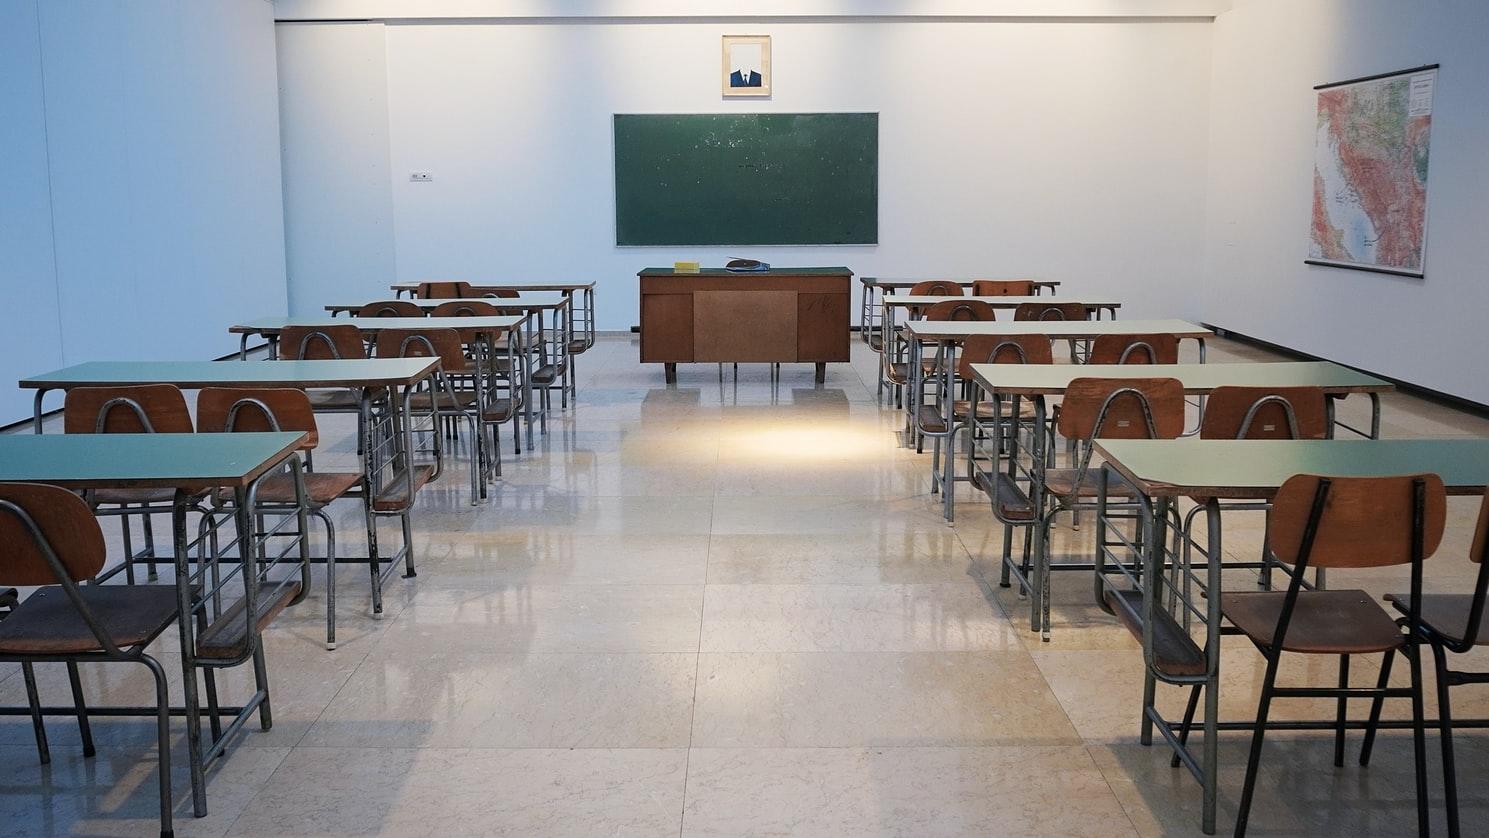 Επιστροφή στη σχολική πραγματικότητα: Πώς θα την αντιμετωπίσετε;